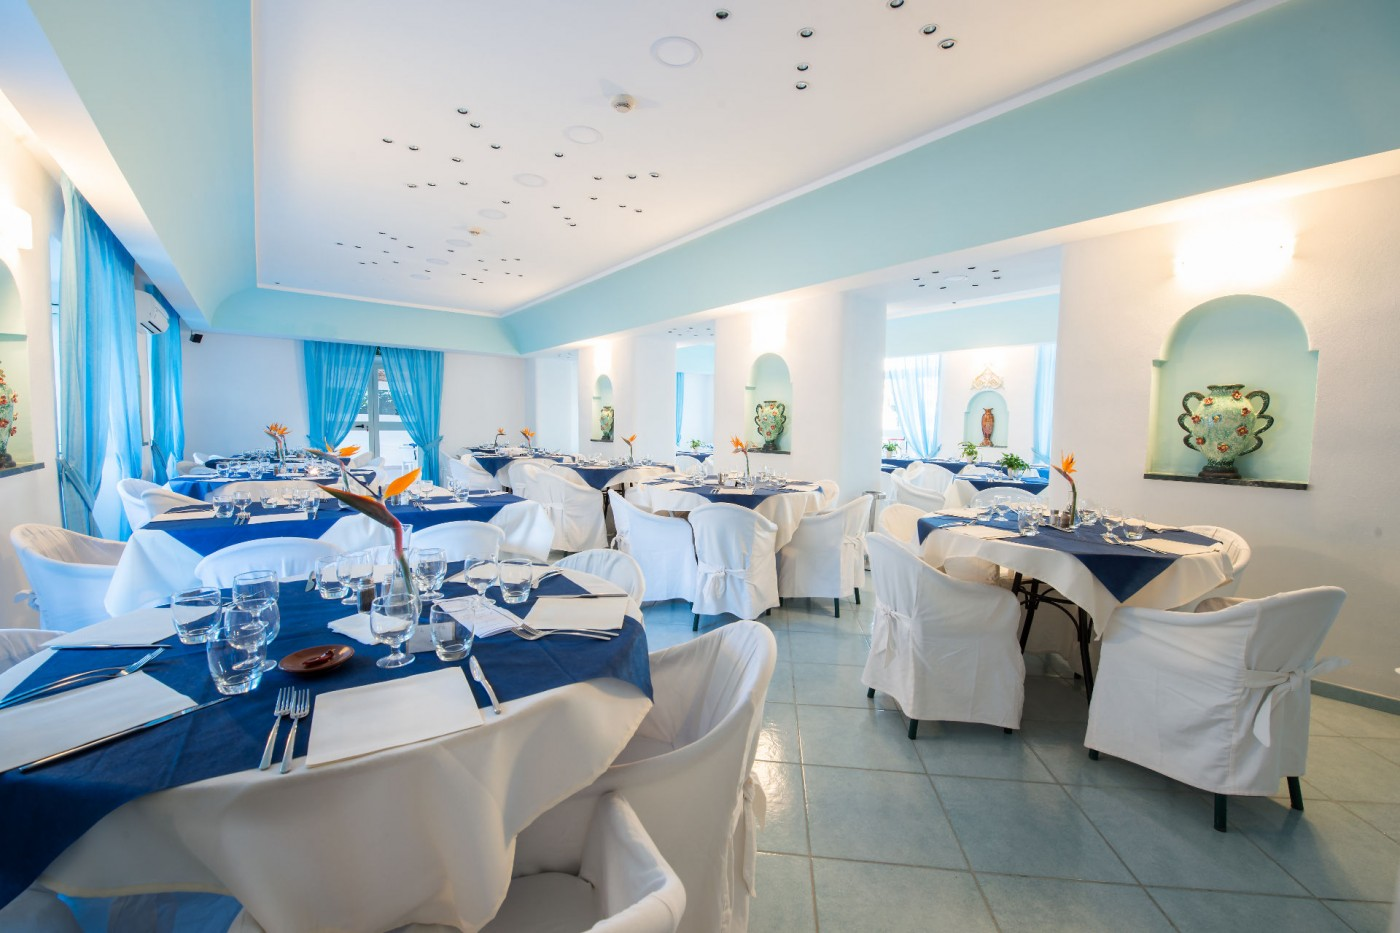 hotel-stella-maris-ischia-ristorante-2